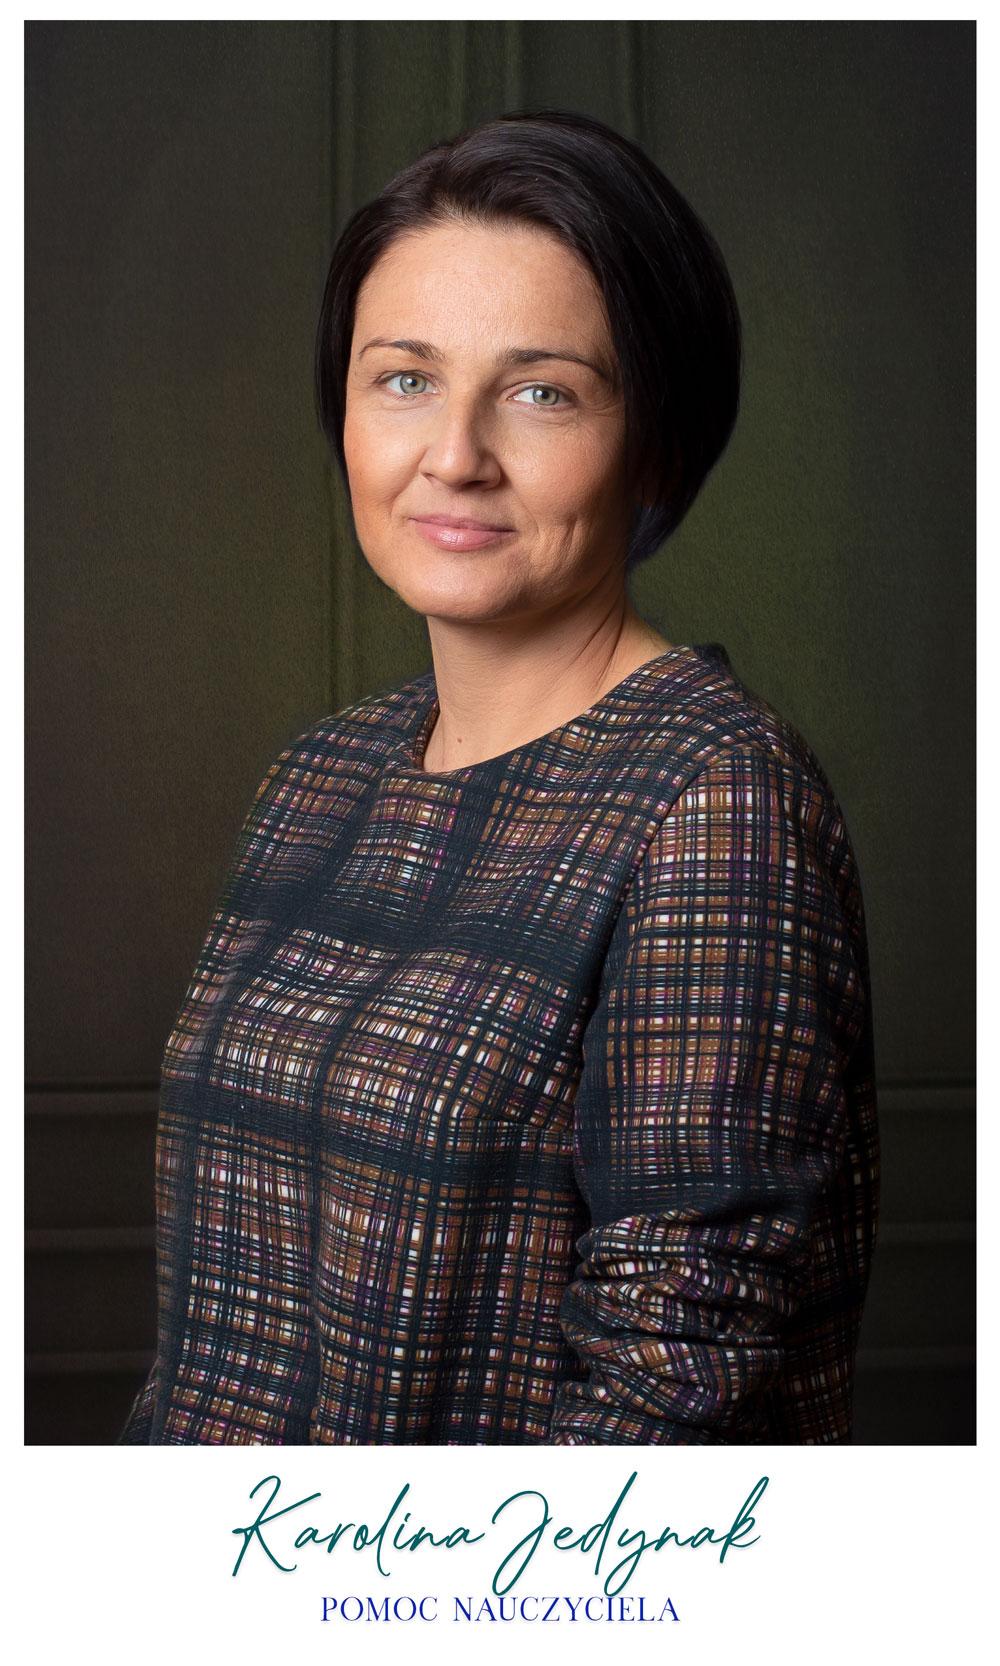 Karolina Jedynak